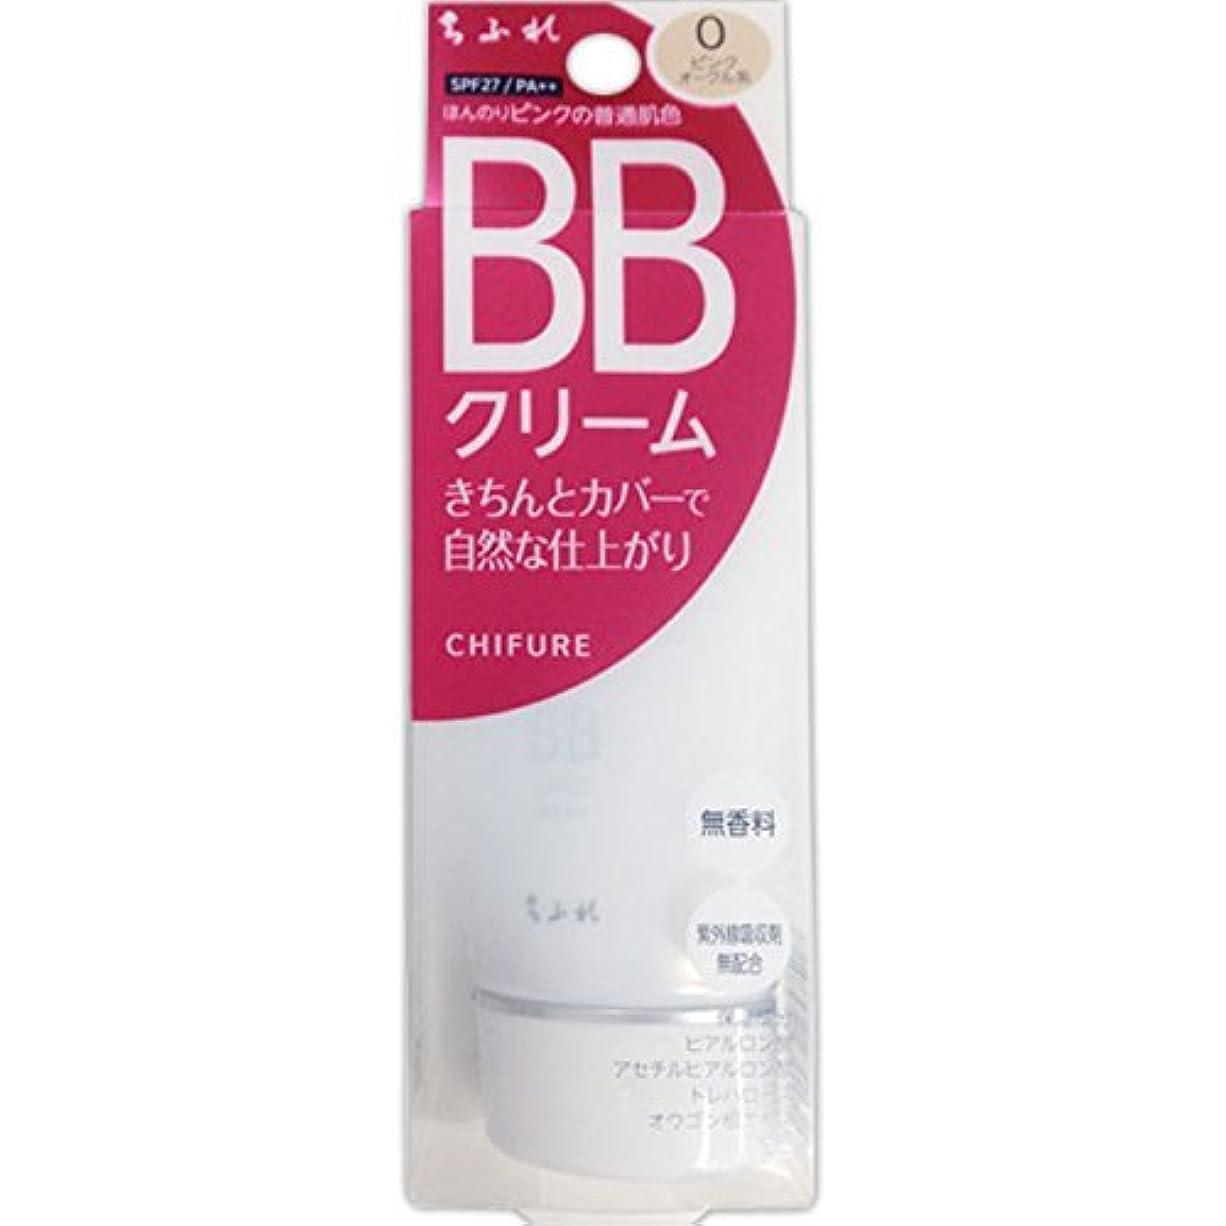 シーケンス熱帯の証言するちふれ化粧品 BB クリーム ほんのりピンクの普通肌色 0